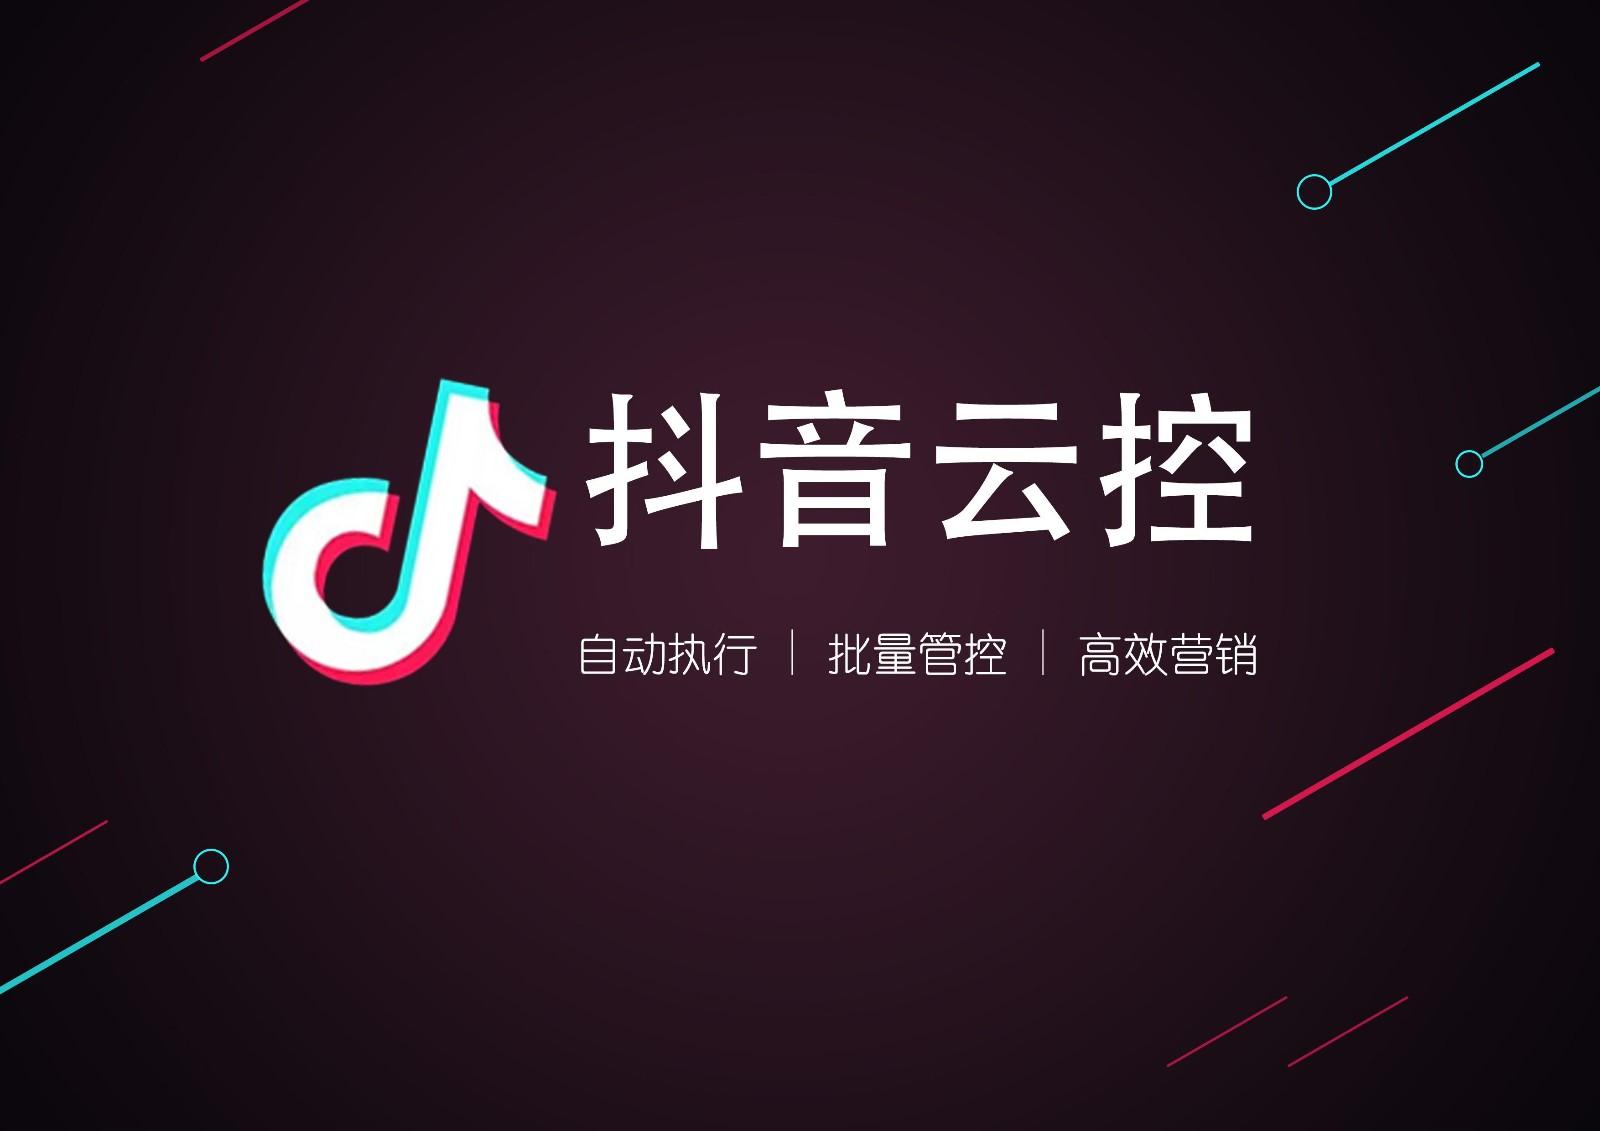 抖音云控招商公司简介